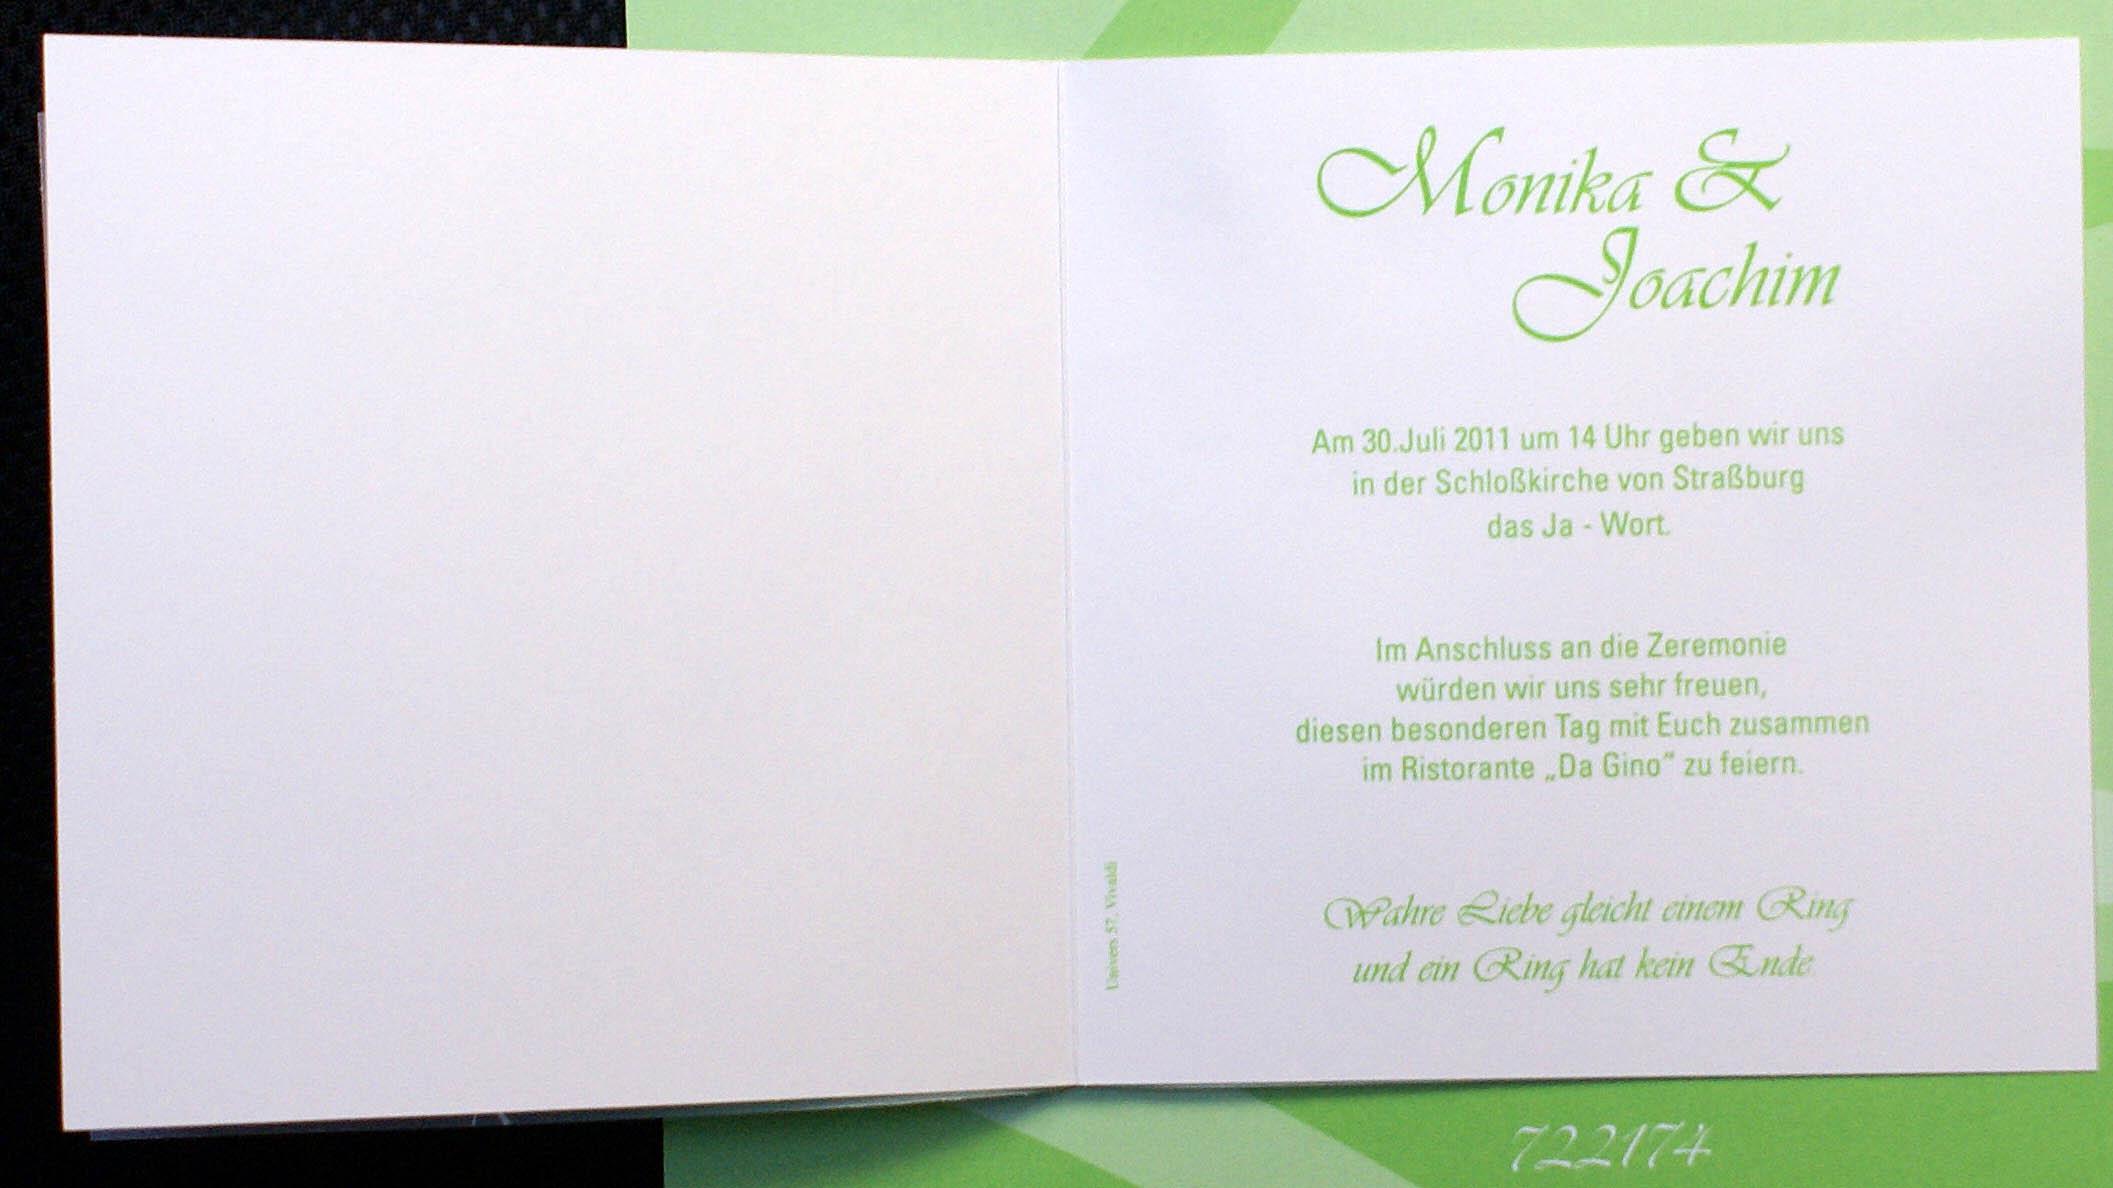 Hochzeitskarten Sprüche Pictures to pin on Pinterest